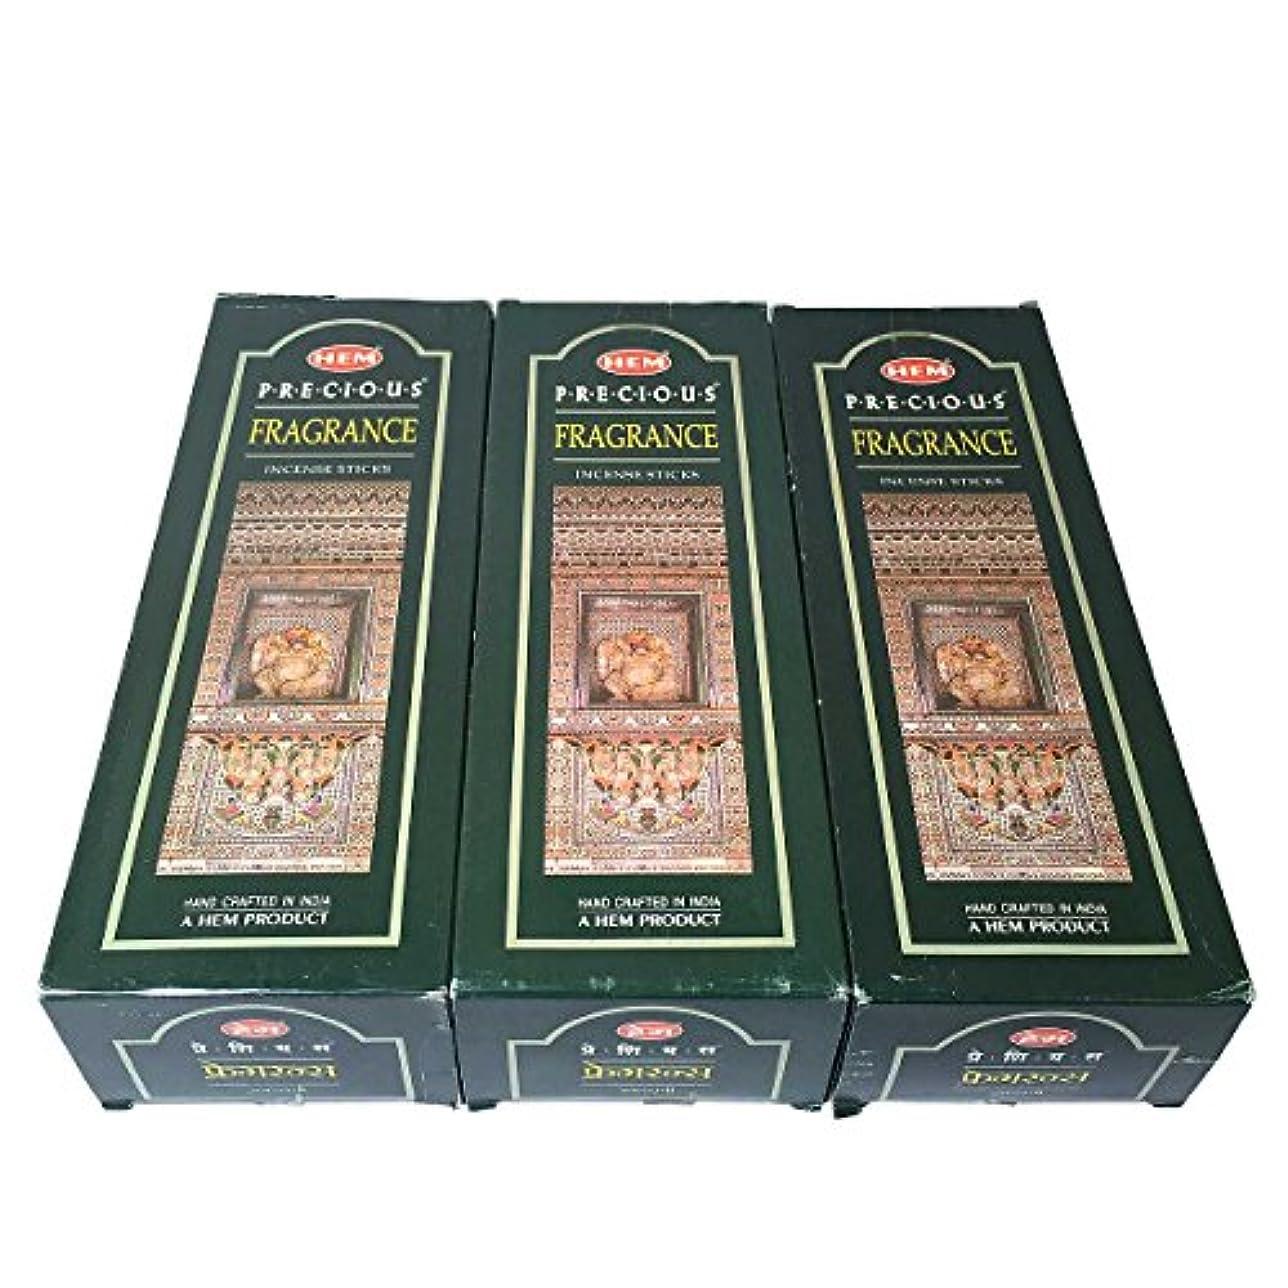 ステーキイサカカリキュラムプレシャスフレグランス香スティック 3BOX(18箱) /HEM FRAGRANCE/インセンス/インド香 お香 [並行輸入品]